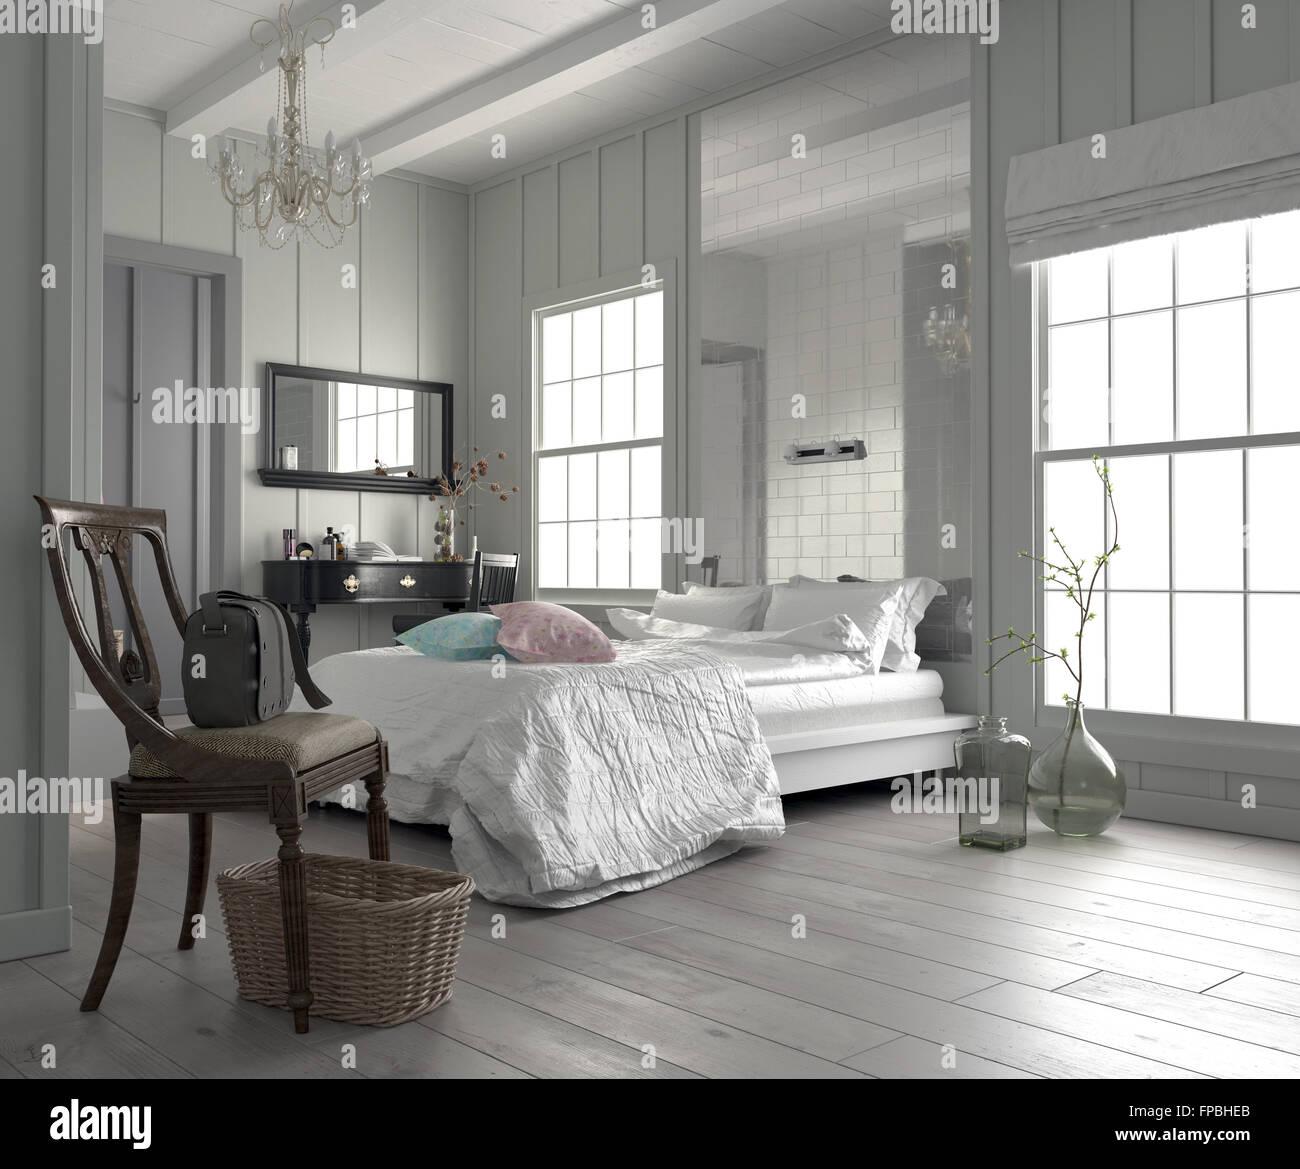 https www alamyimages fr photo image grande chambre moderne chambre blanche interieur avec un lit king size flanquee de deux fenetres une coiffeuse avec miroir et une simple 99829475 html